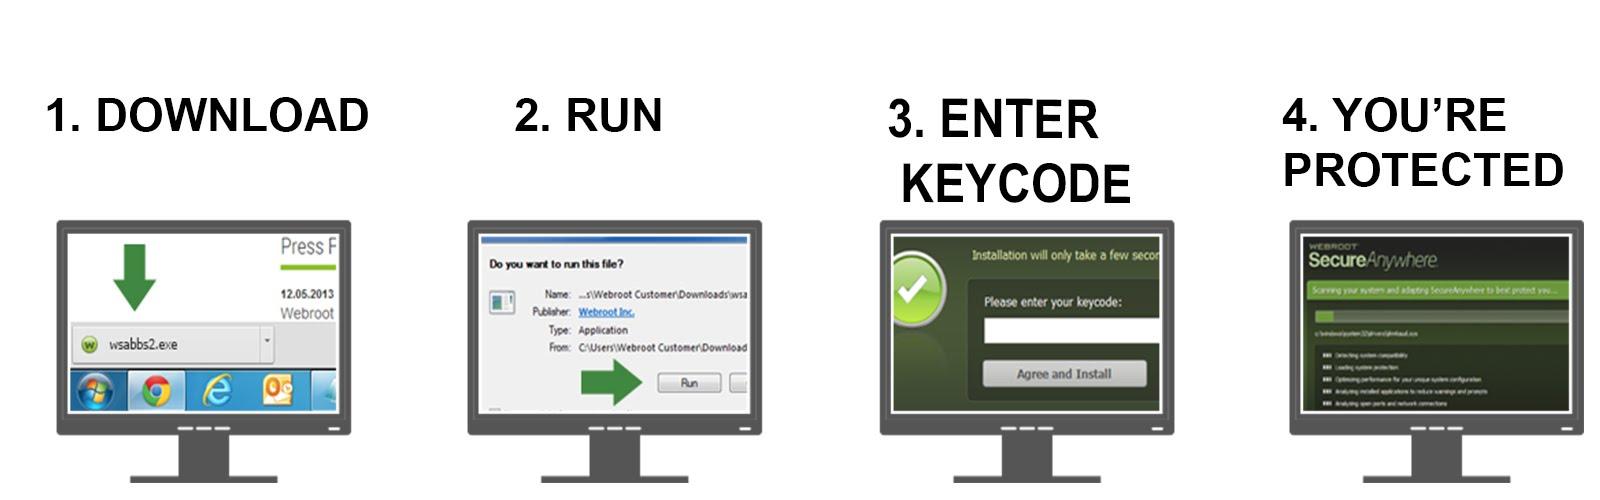 Webroot.com/safe - Download & Install Webroot - www.webroot.com/safe